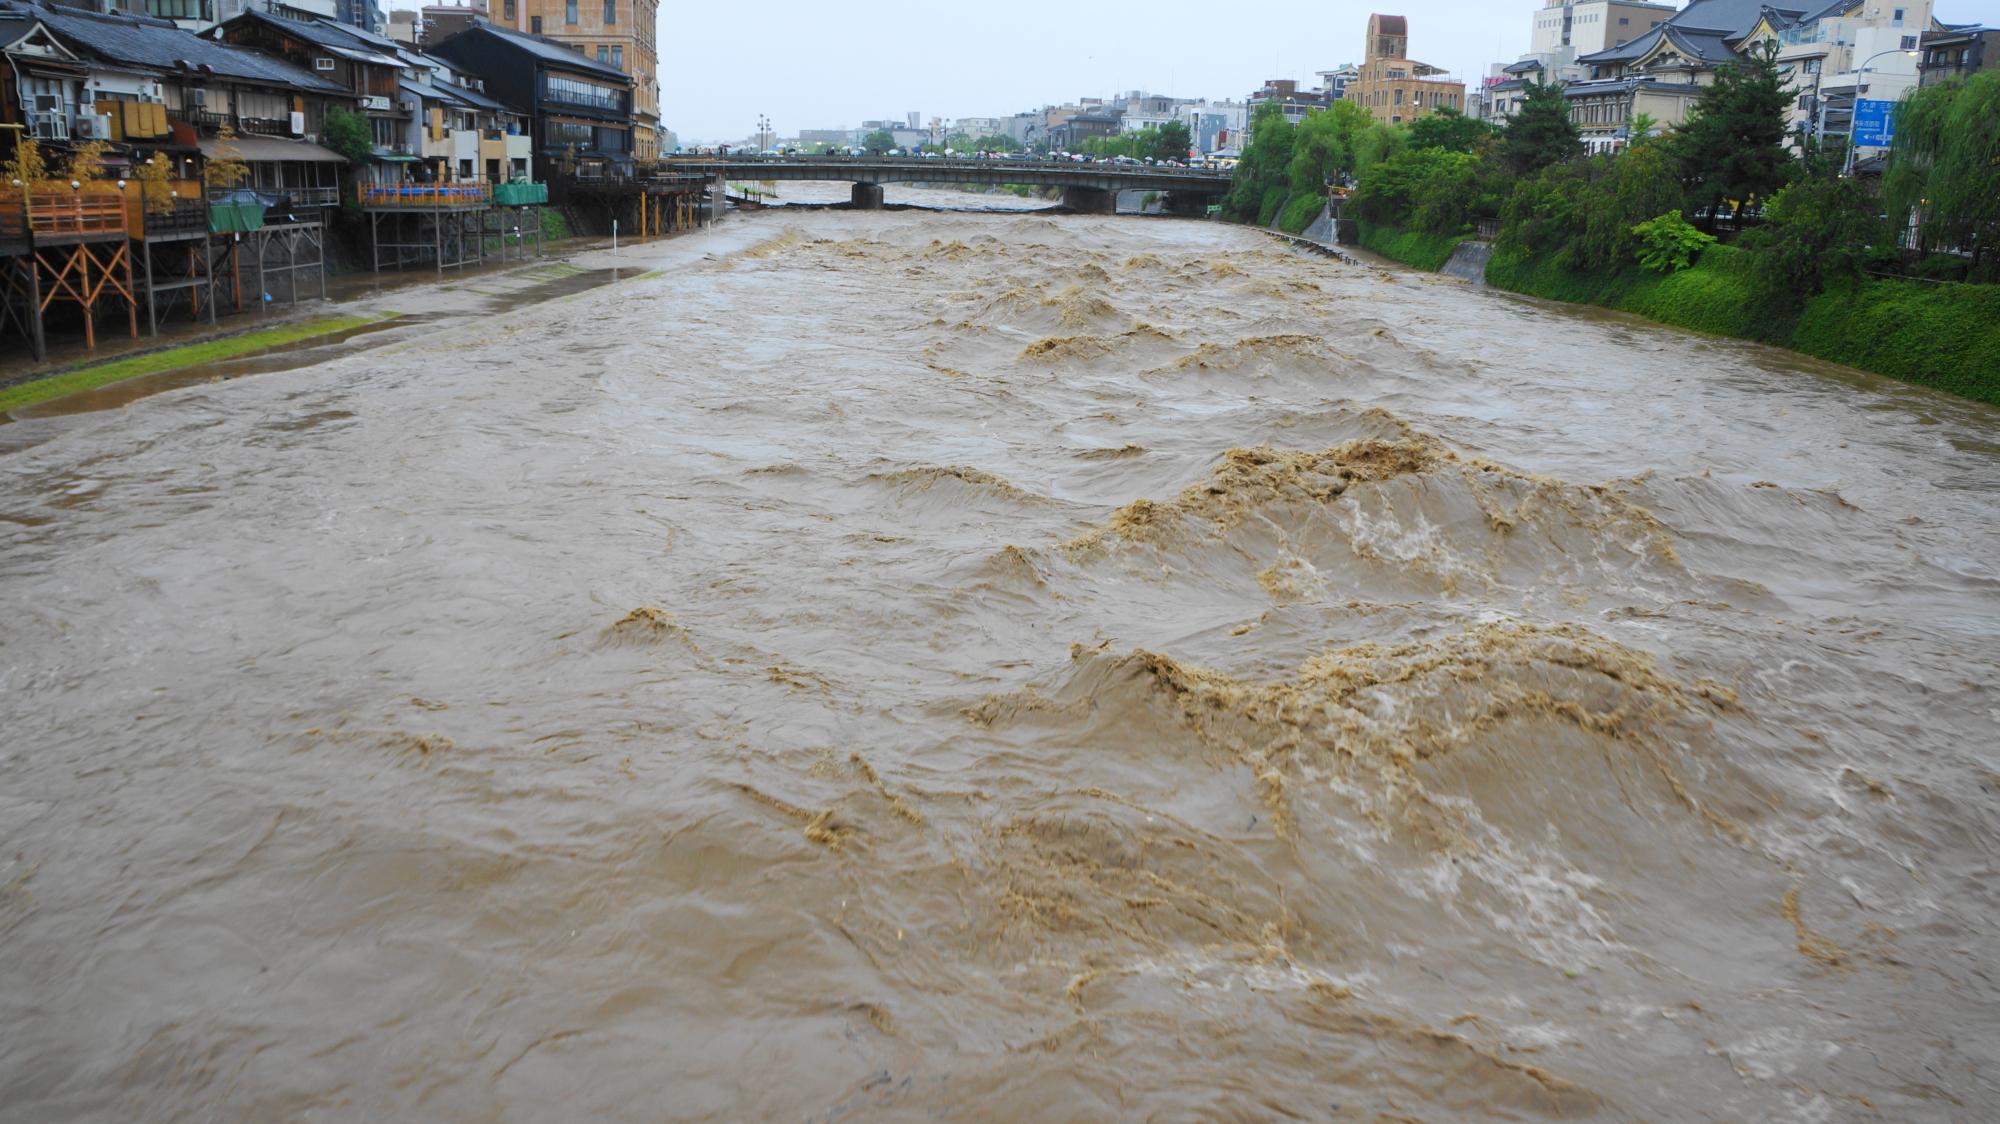 怖いくらいの大量の水が押し寄せてくる2014年8月10日の濁流の鴨川